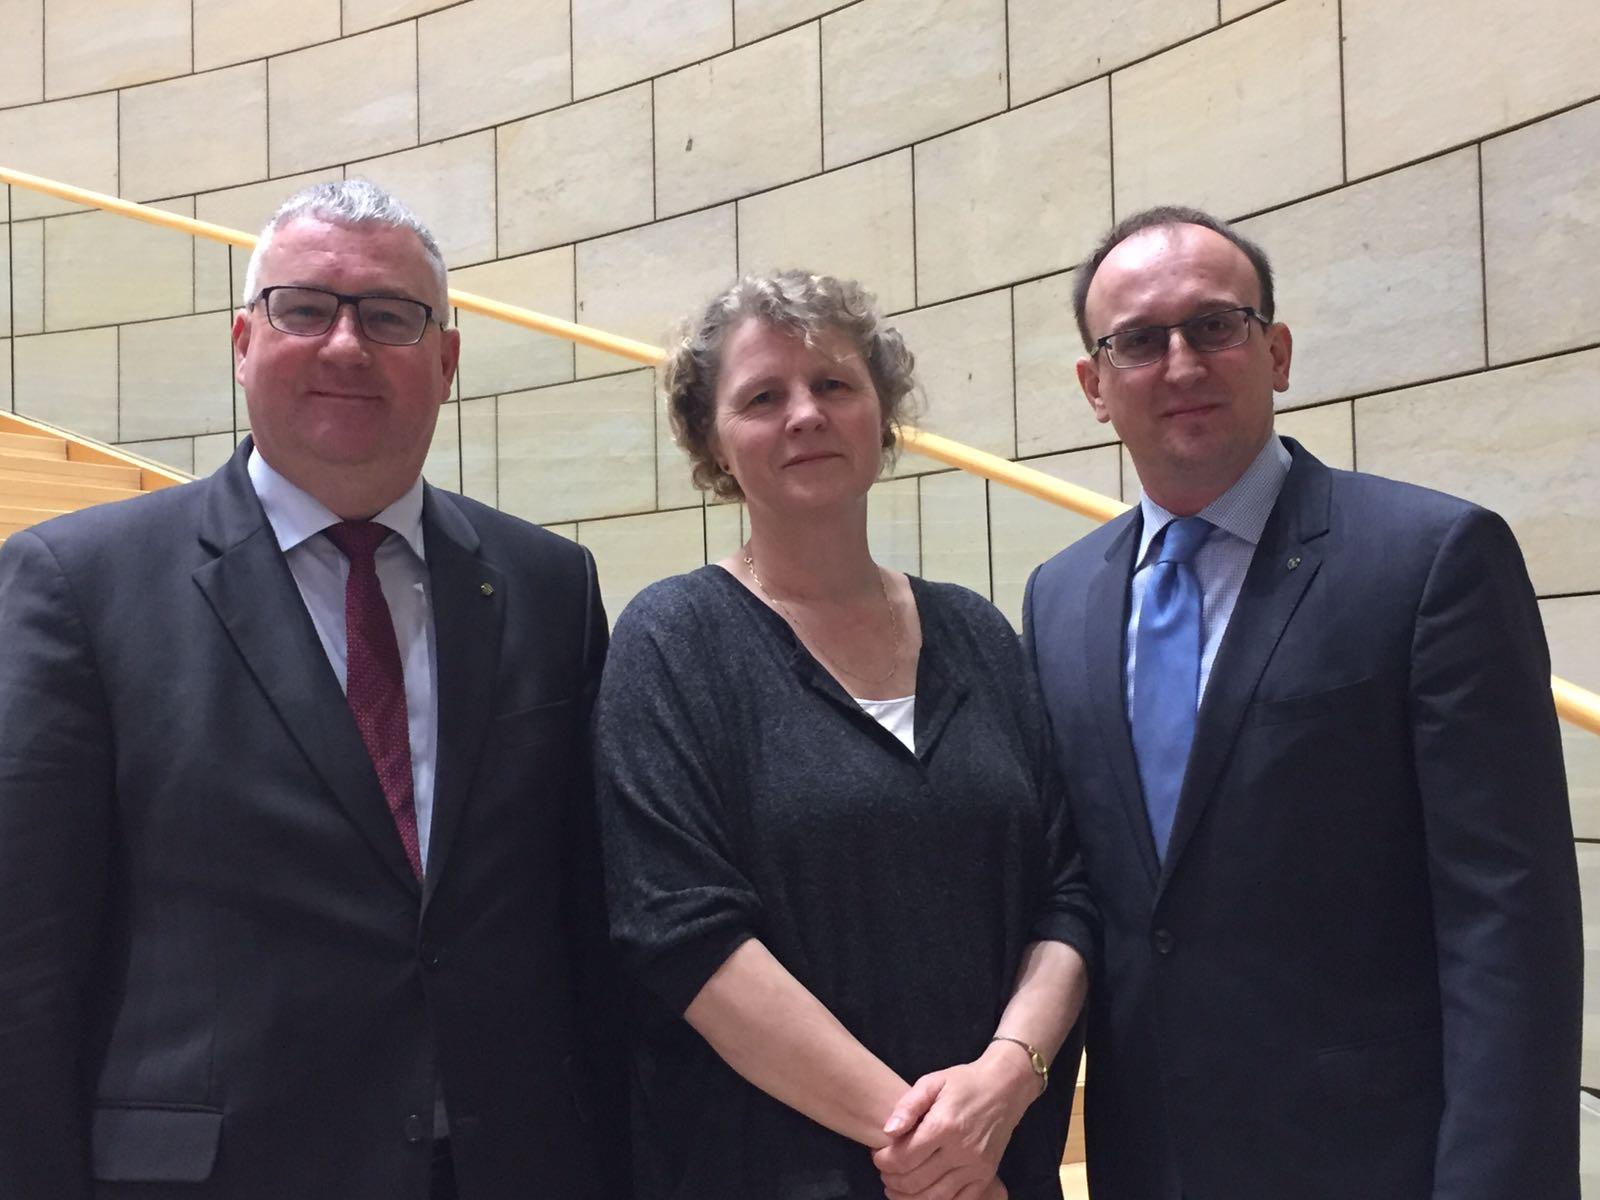 Fachsprecher: Solidarität mit Ostdeutschland erhalten